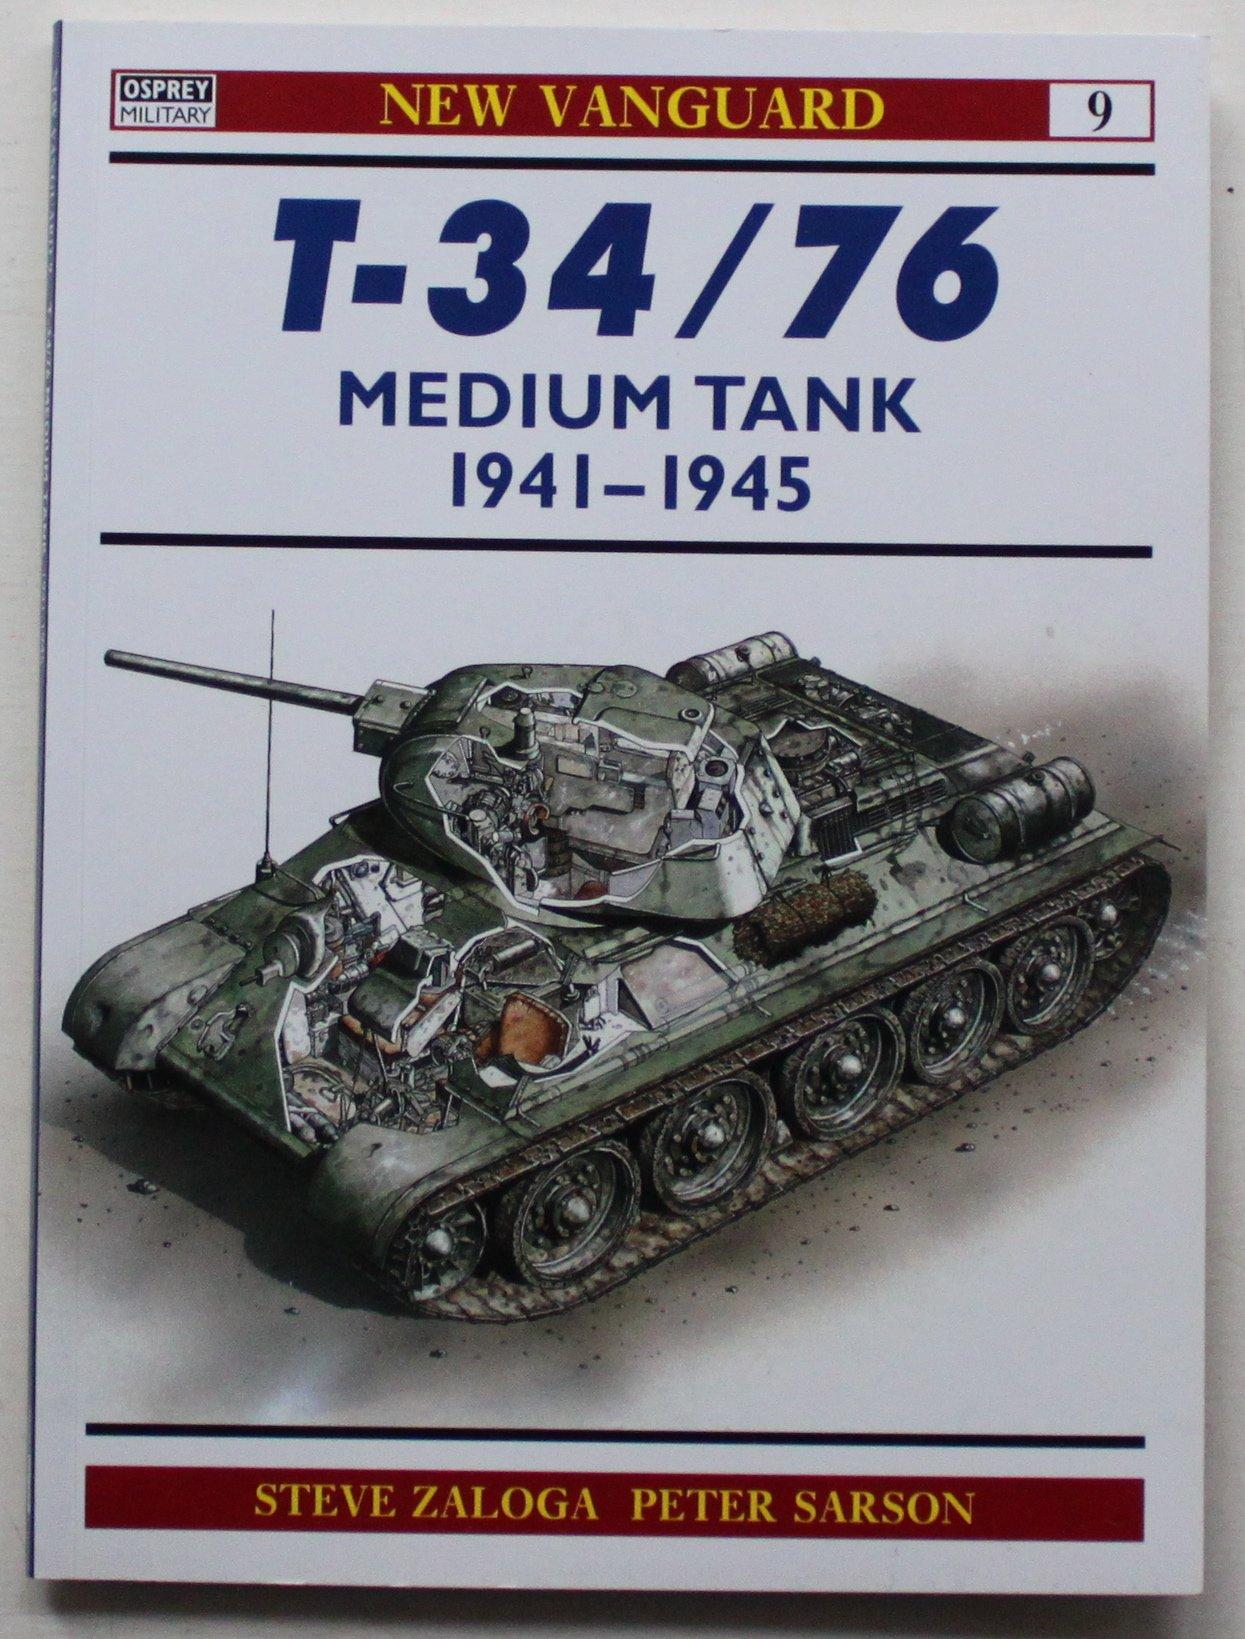 Download New Vanguard 009 - T-34/76 Medium Tank 1941 - 1945 pdf